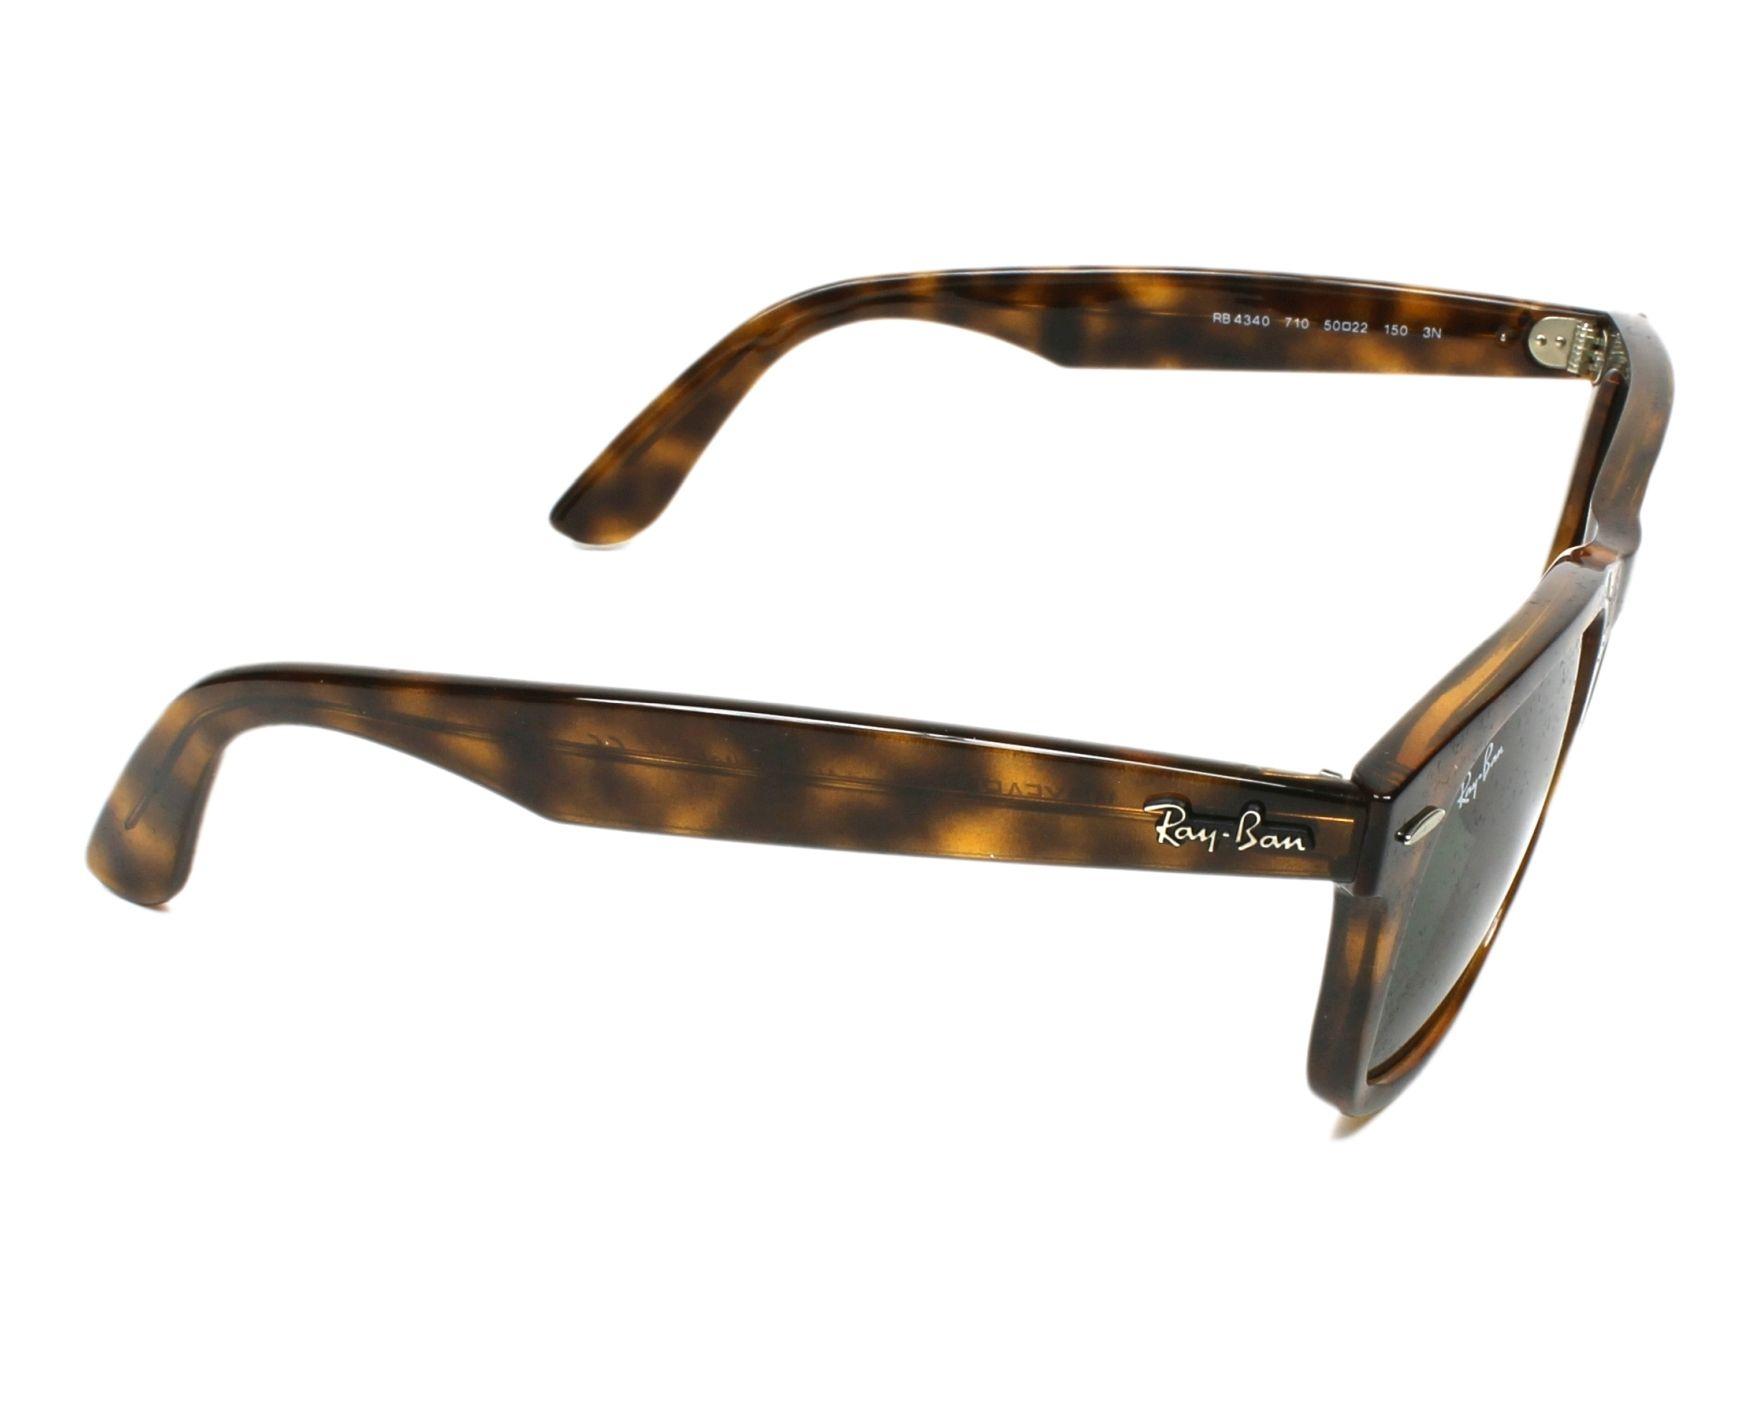 Sunglasses Ray-Ban RB-4340 710 50-22 Havana side view 93c15caad299